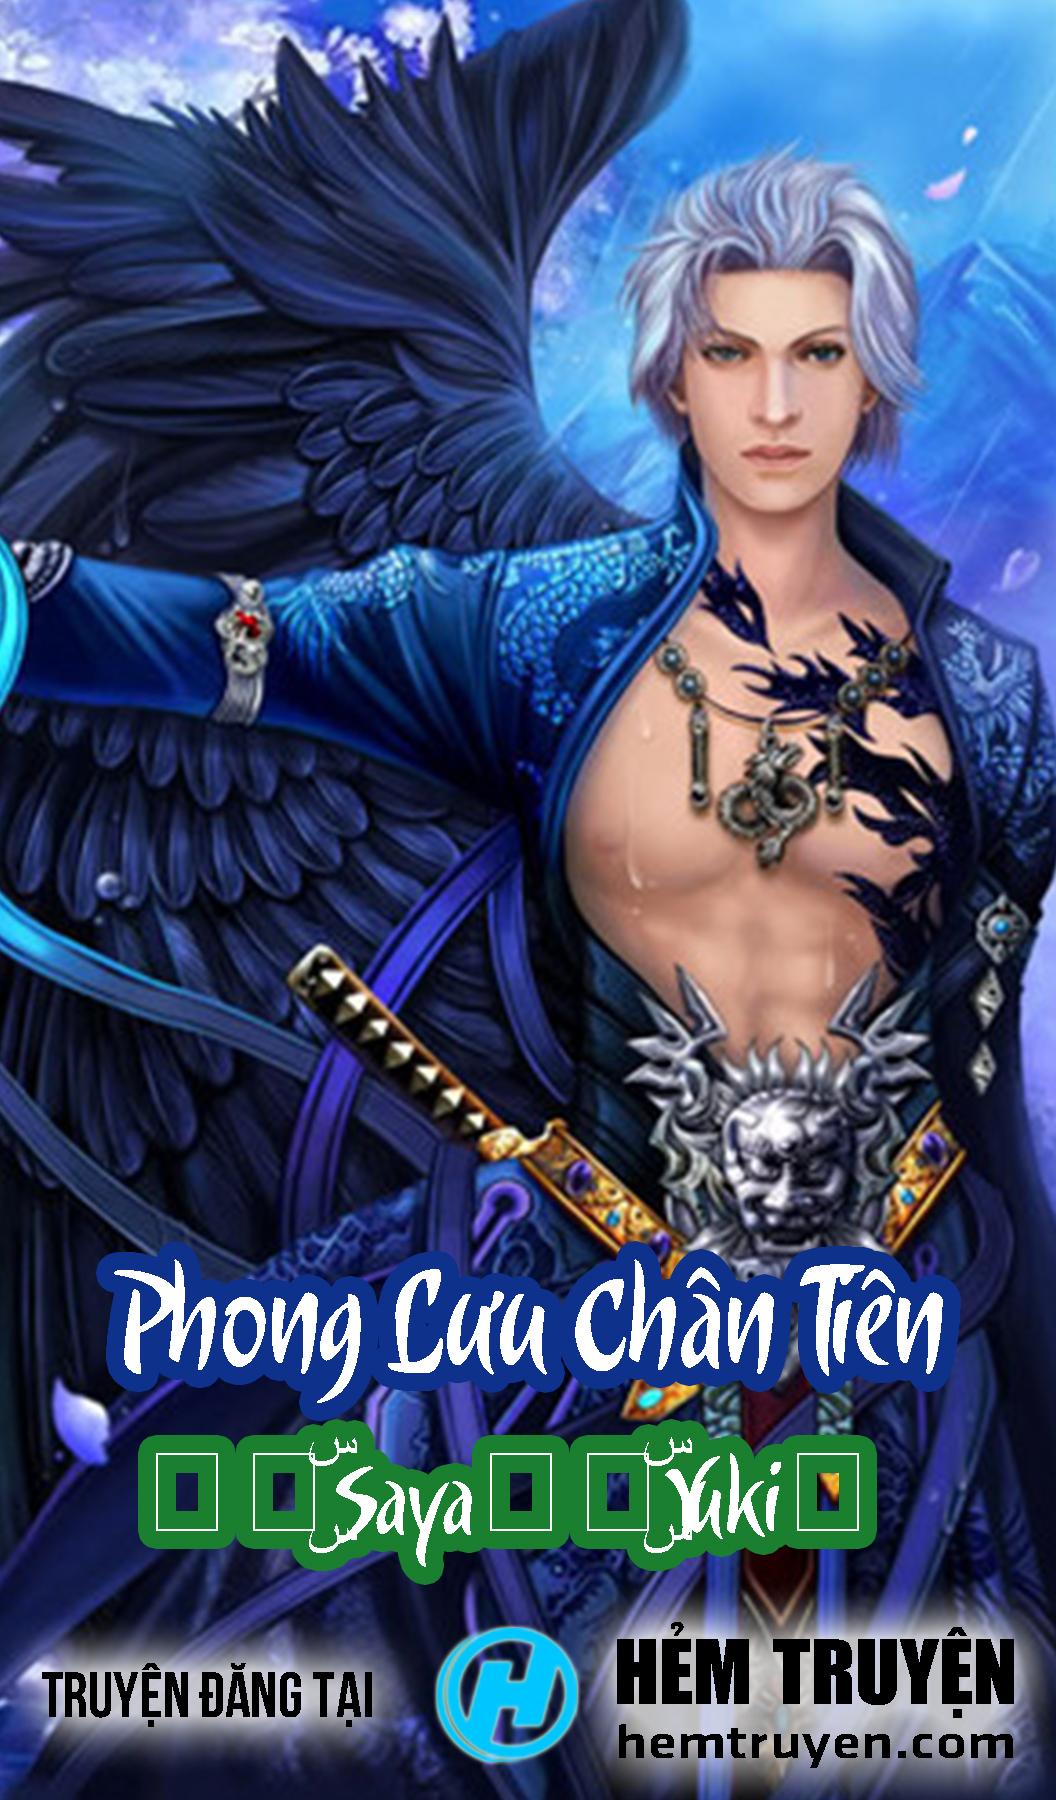 Đọc truyện Phong Lưu Chân Tiên của ✧๖ۣۜSaya✨๖ۣۜYuki✧ trên HEMTRUYEN.COM